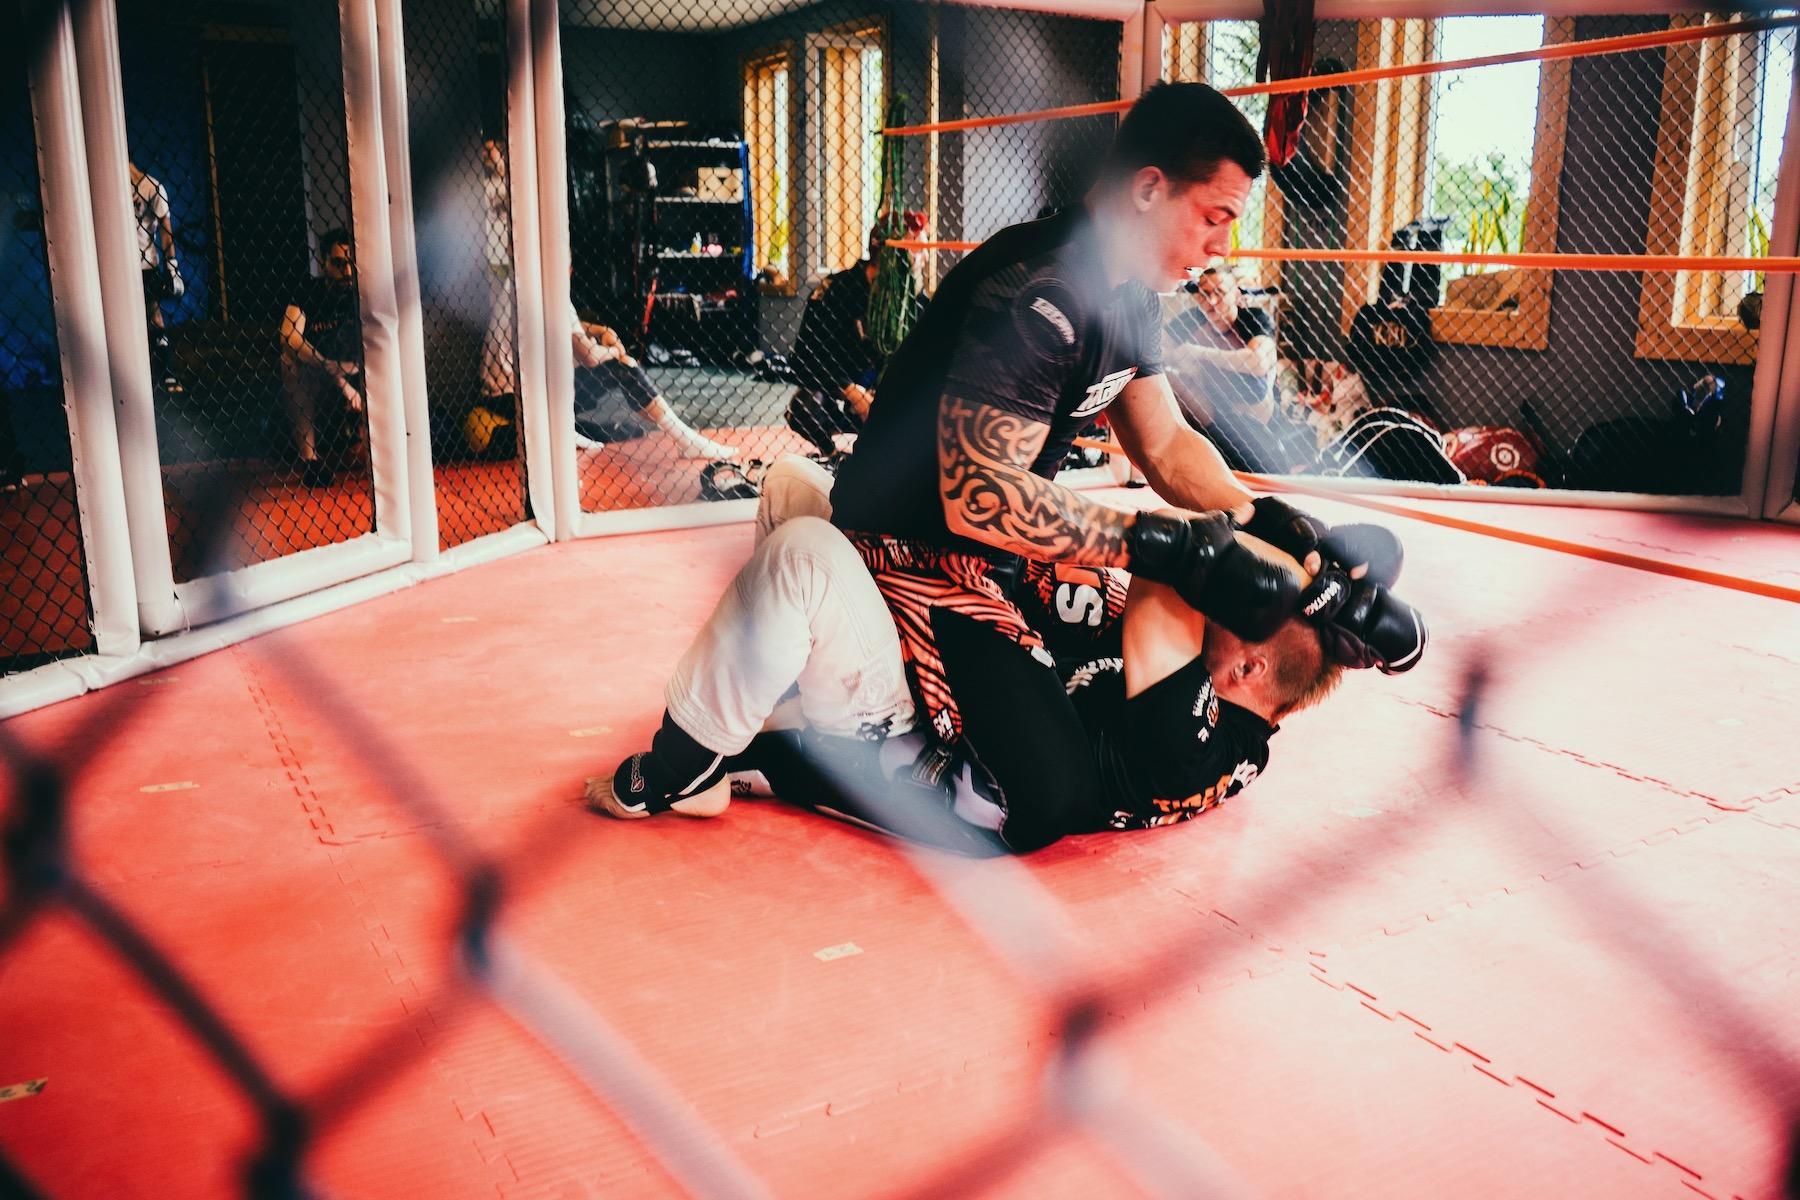 Mixed Martial Arts ist eine Mischung aus Boxen und Ringen. Kämpfe finden in vergitterten Käfigen statt.